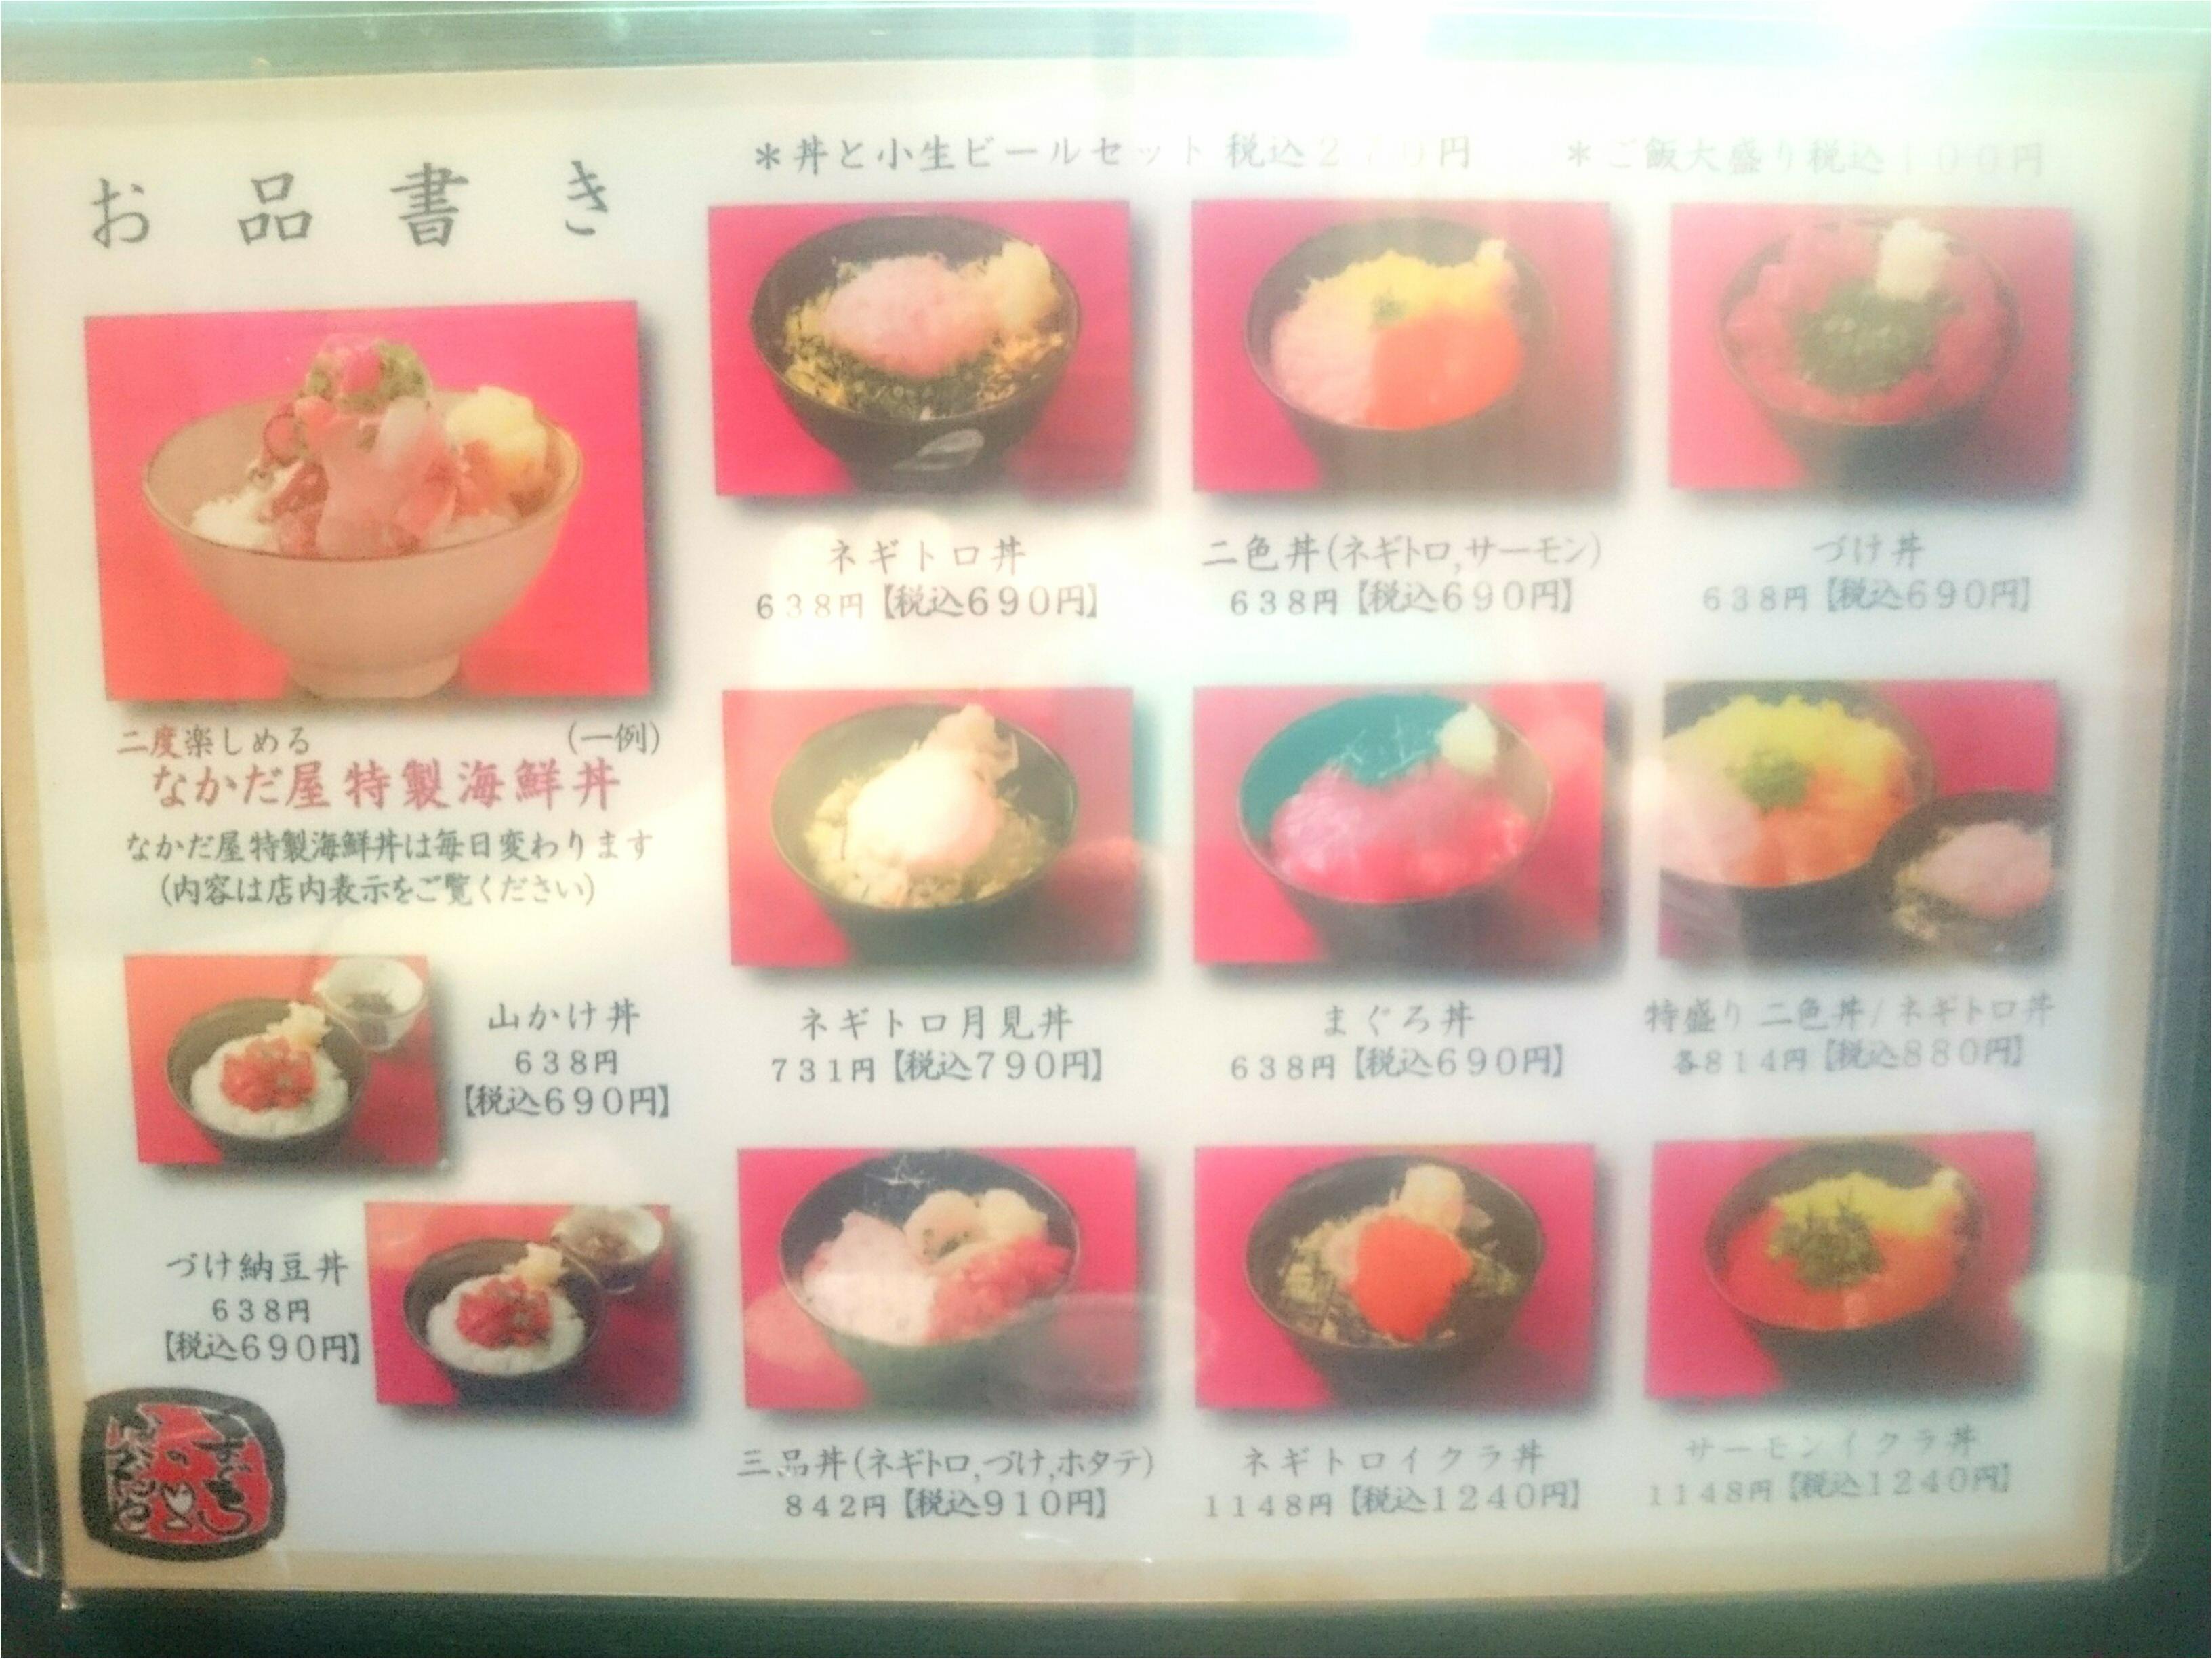 吉祥寺で海鮮丼を食べるならハモニカ横丁の【まぐろのなかだや】が断然おすすめ_1